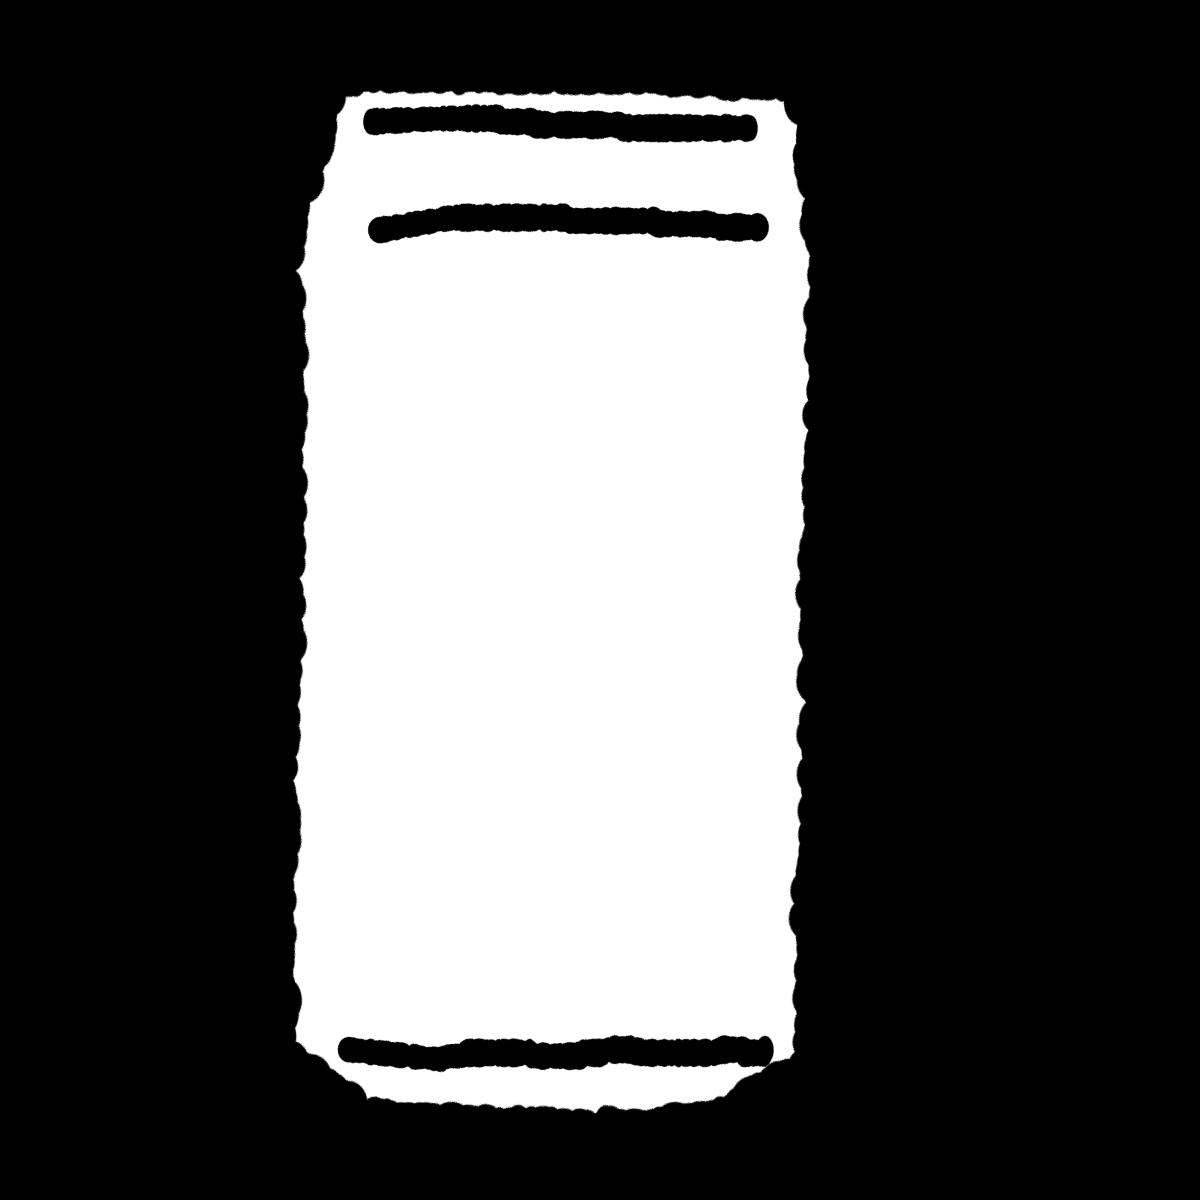 缶ジュースのイラスト / Canned juice Illustration